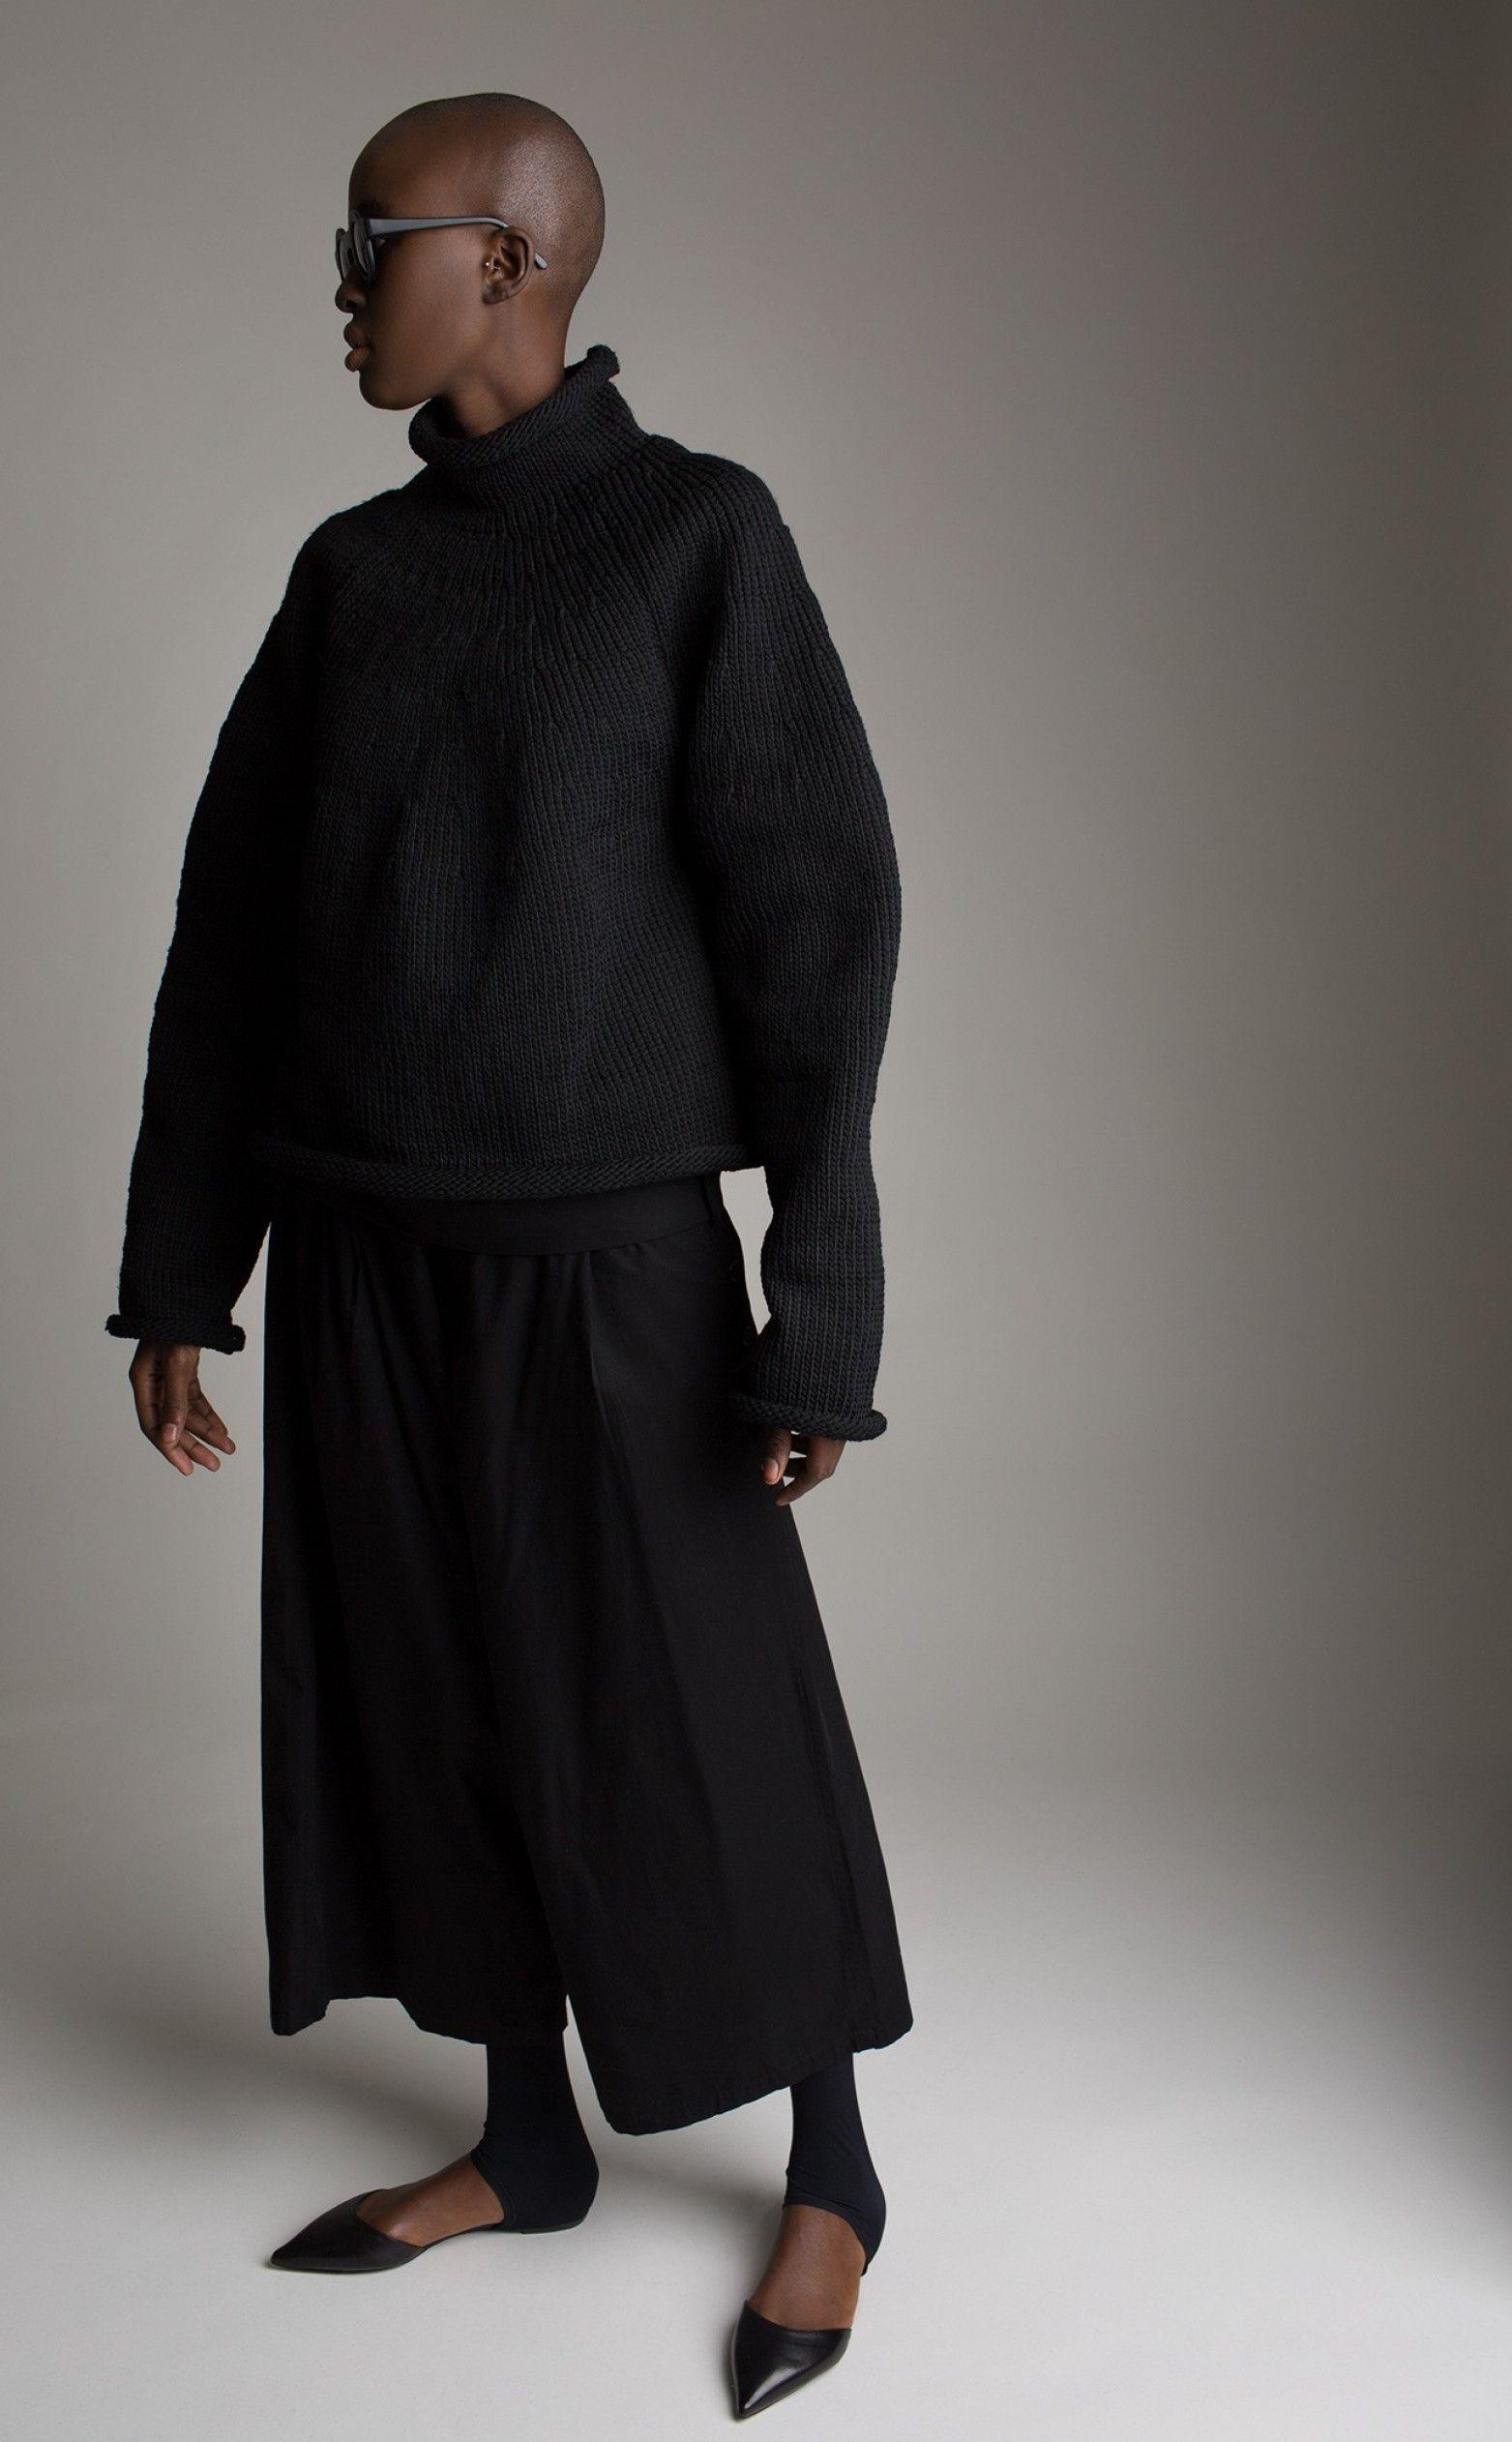 Vintage Yohji Yamamoto Fisherman S Knit Sweater Fashion Vintage Designer Fashion Yohji Yamamoto